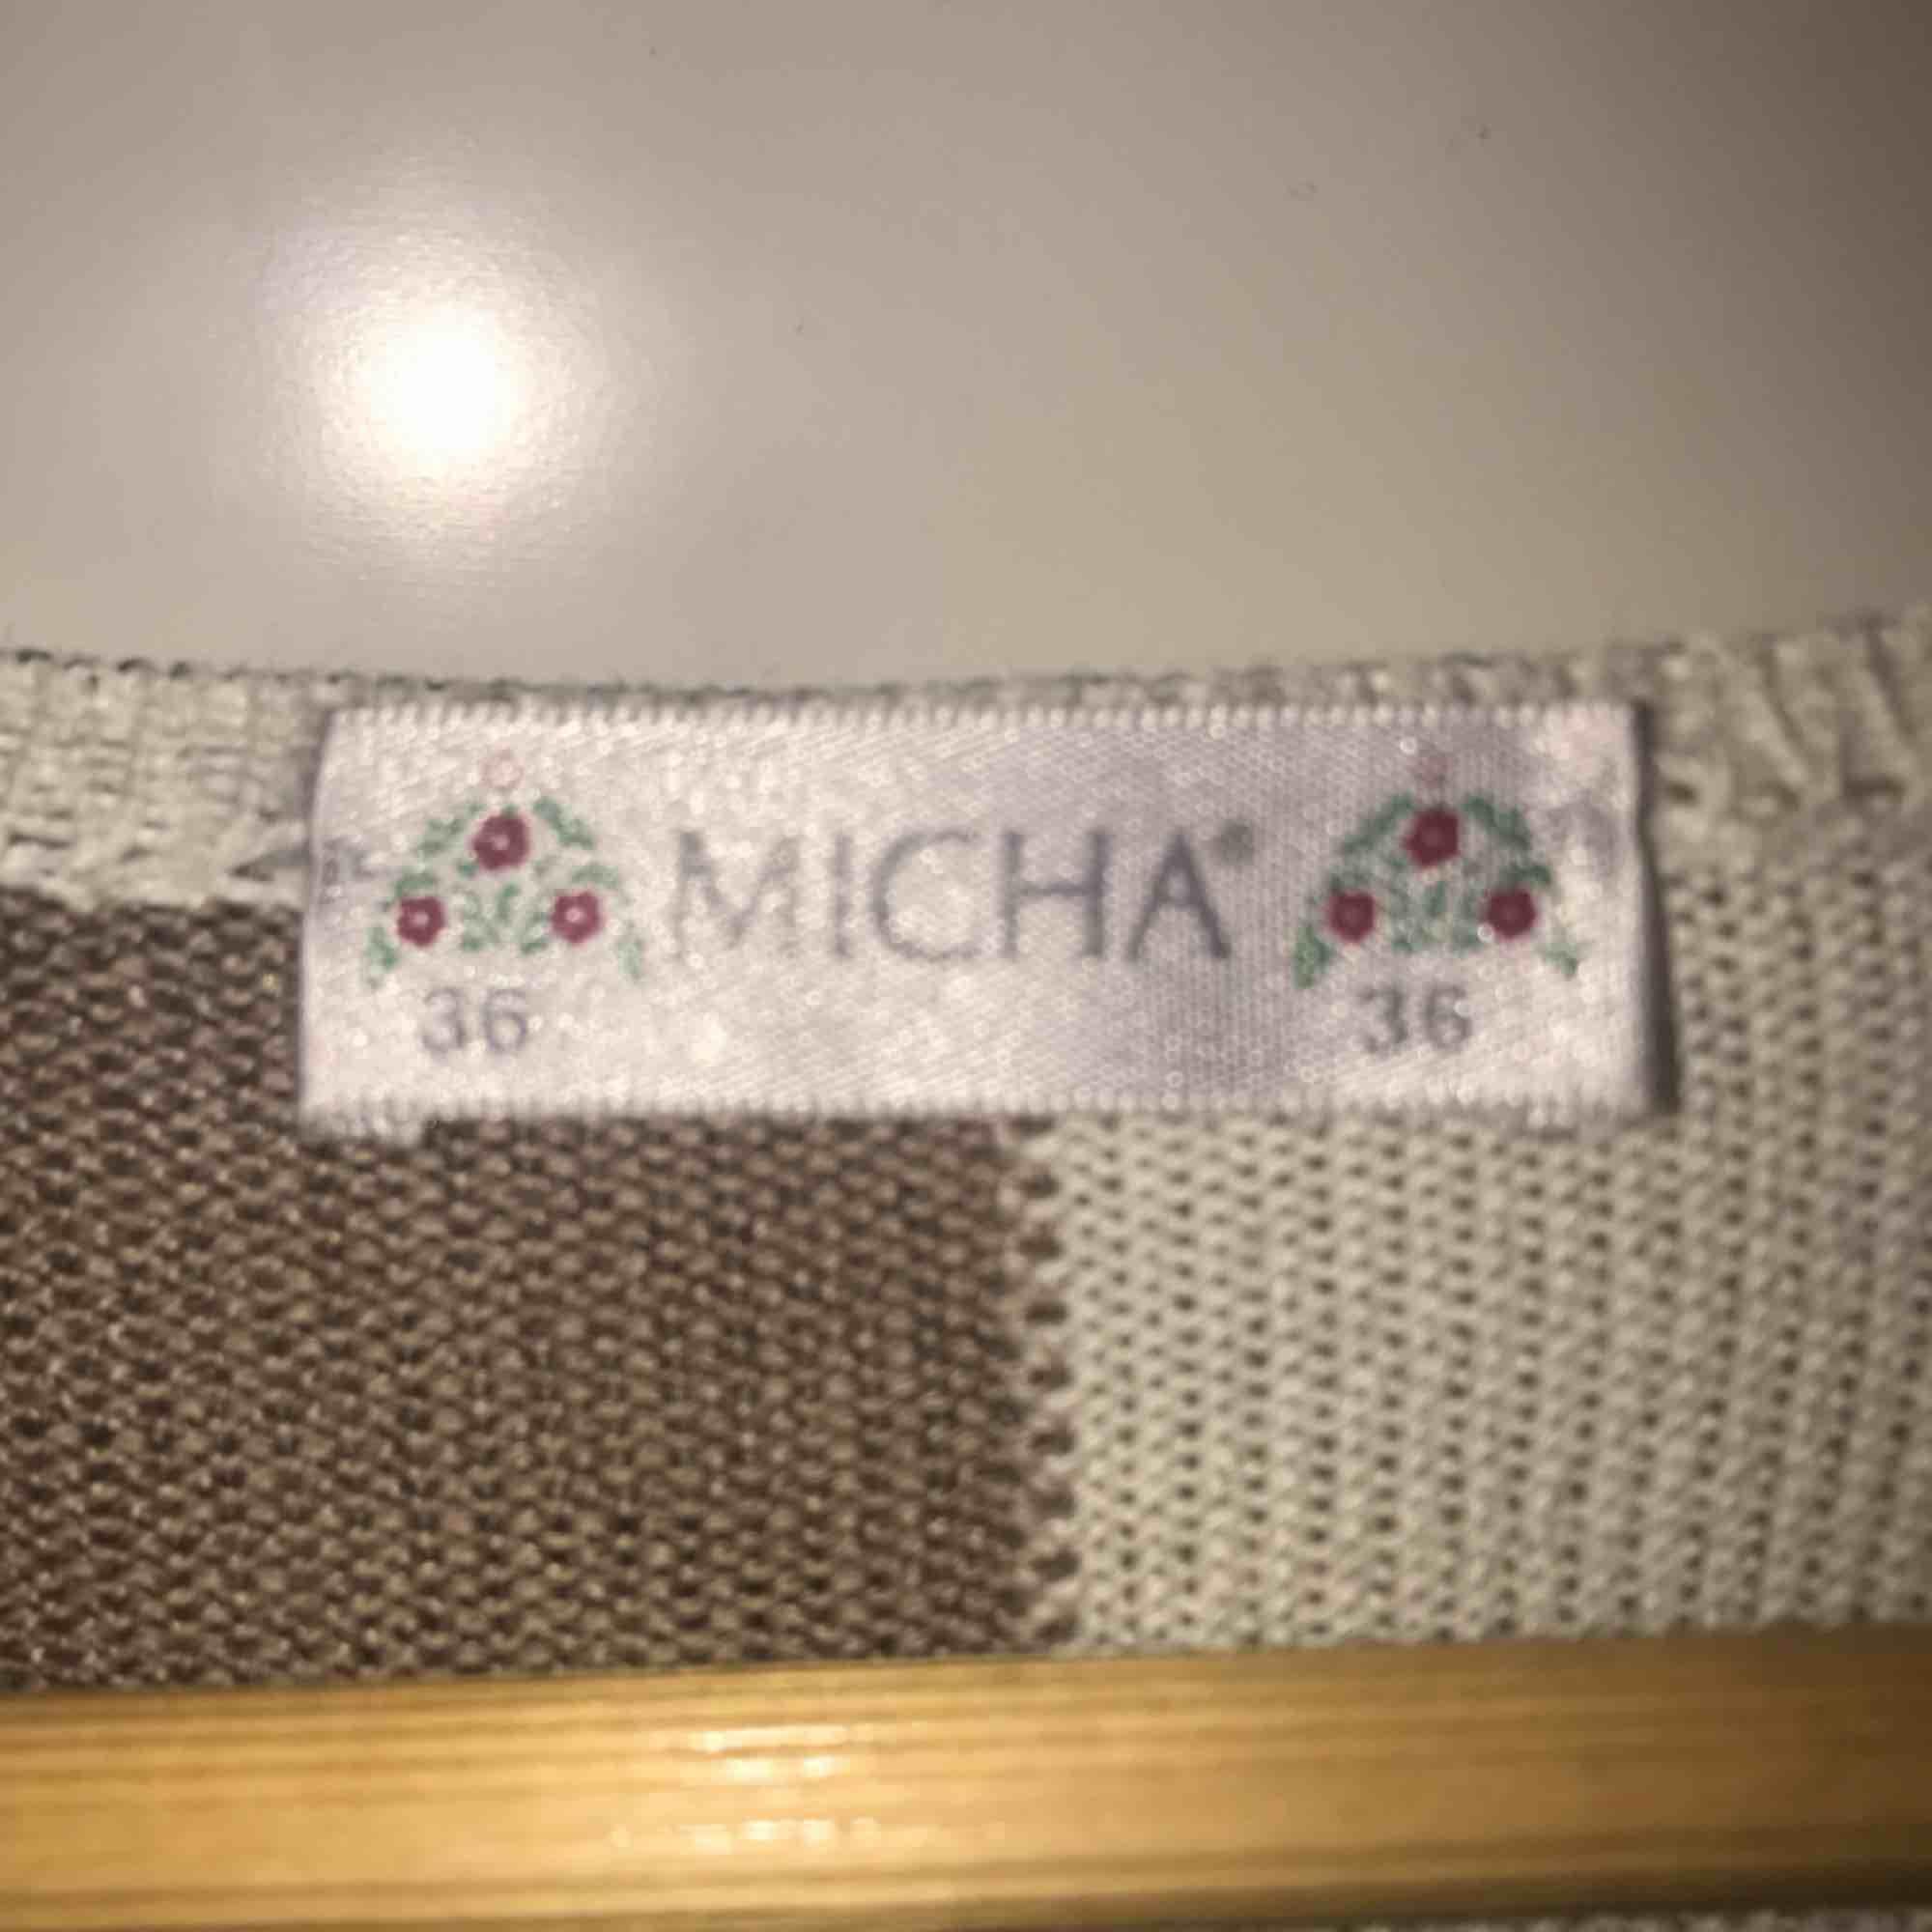 Härlig stickad tröja från Micha, knappt använd. Är i ett skönt och svalt material. Köpare står för frakt . Stickat.